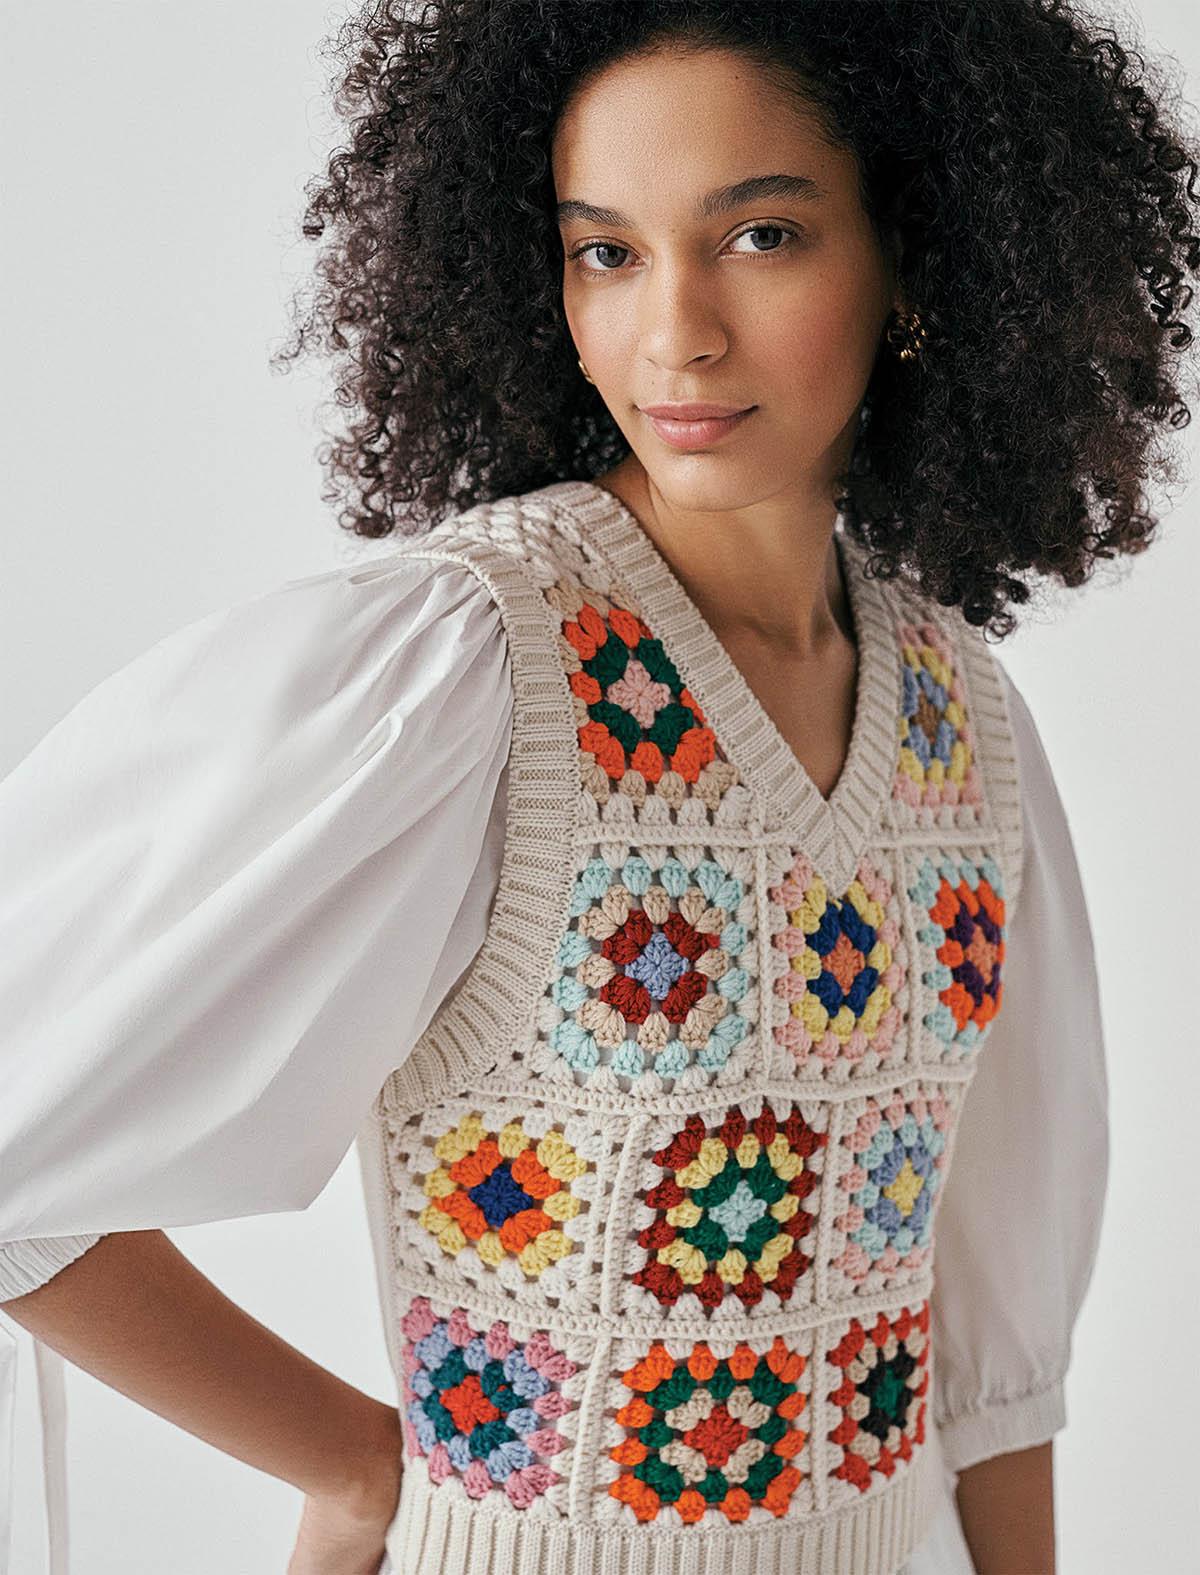 Luisana Gonzalez by Daniel Jaramillo for WSJ. Magazine May 2021